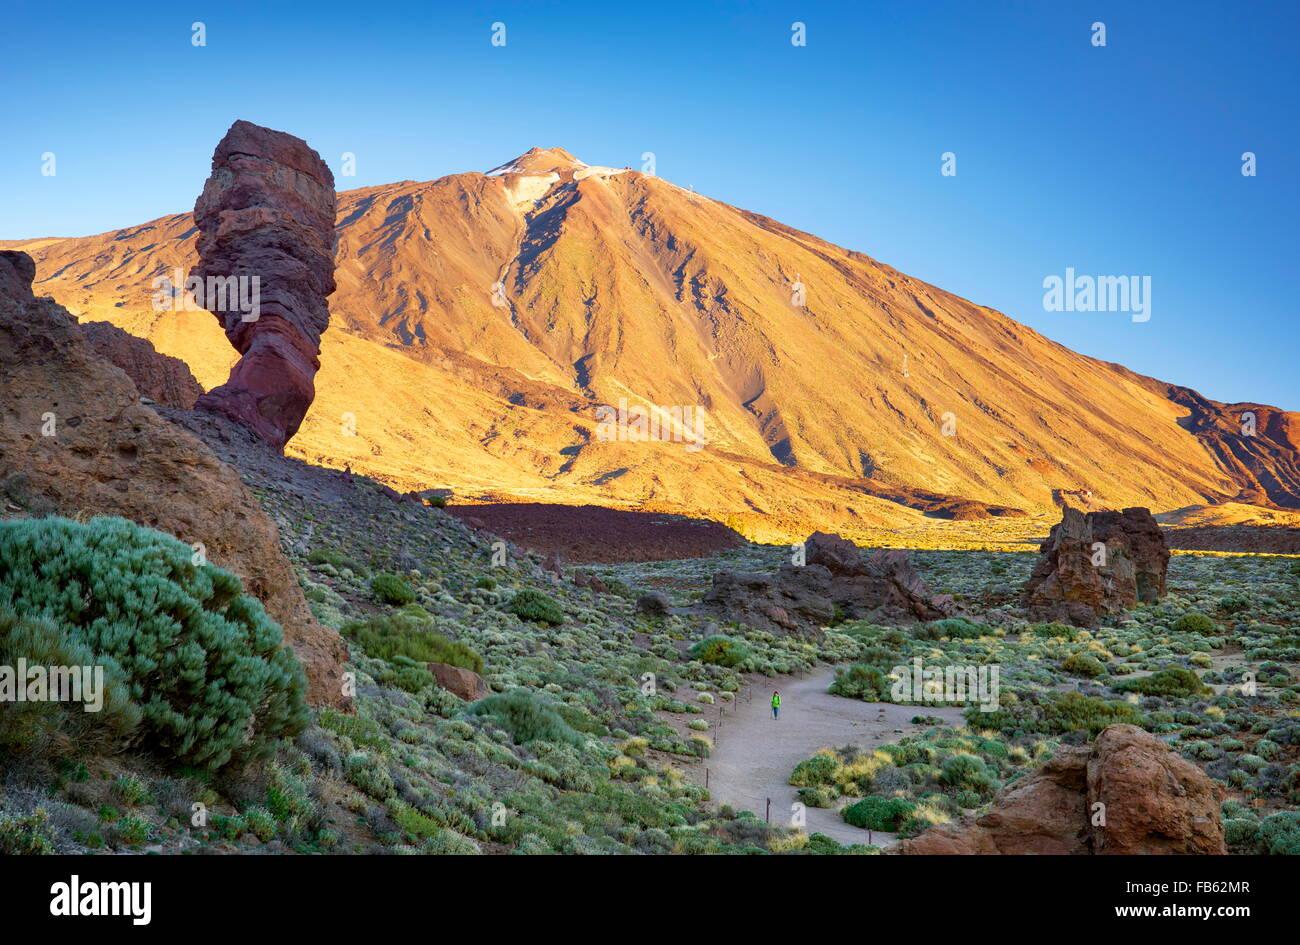 El Teide y Los Roques de García, el Parque Nacional del Teide, Tenerife, Islas Canarias, España Imagen De Stock